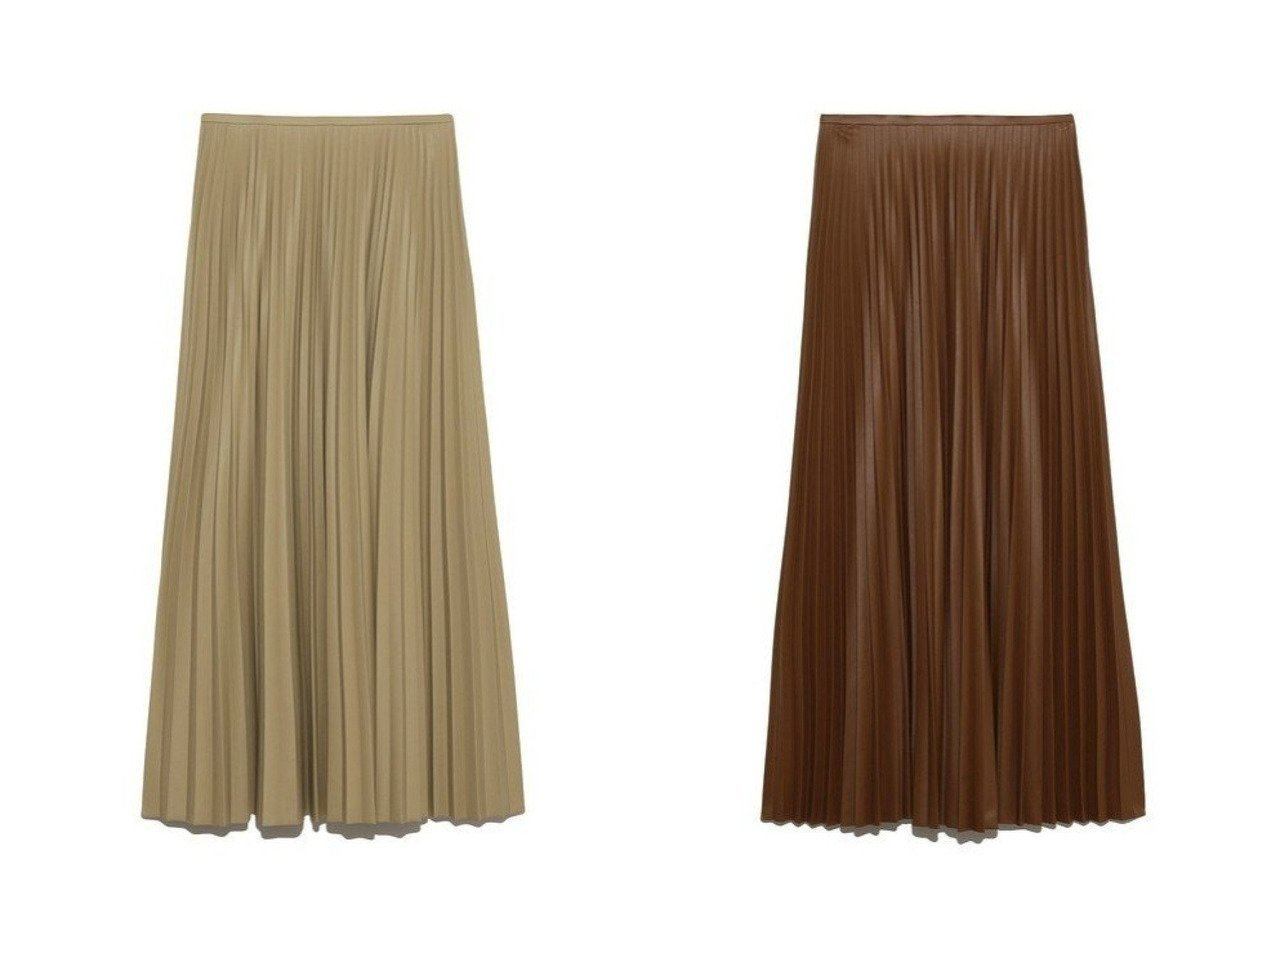 【Mila Owen/ミラオーウェン】のレザー見えプリーツマキシSK スカートのおすすめ!人気、トレンド・レディースファッションの通販 おすすめで人気の流行・トレンド、ファッションの通販商品 メンズファッション・キッズファッション・インテリア・家具・レディースファッション・服の通販 founy(ファニー) https://founy.com/ ファッション Fashion レディースファッション WOMEN スカート Skirt ロングスカート Long Skirt シンプル フェミニン プリーツ マキシ ミックス ロング |ID:crp329100000013418